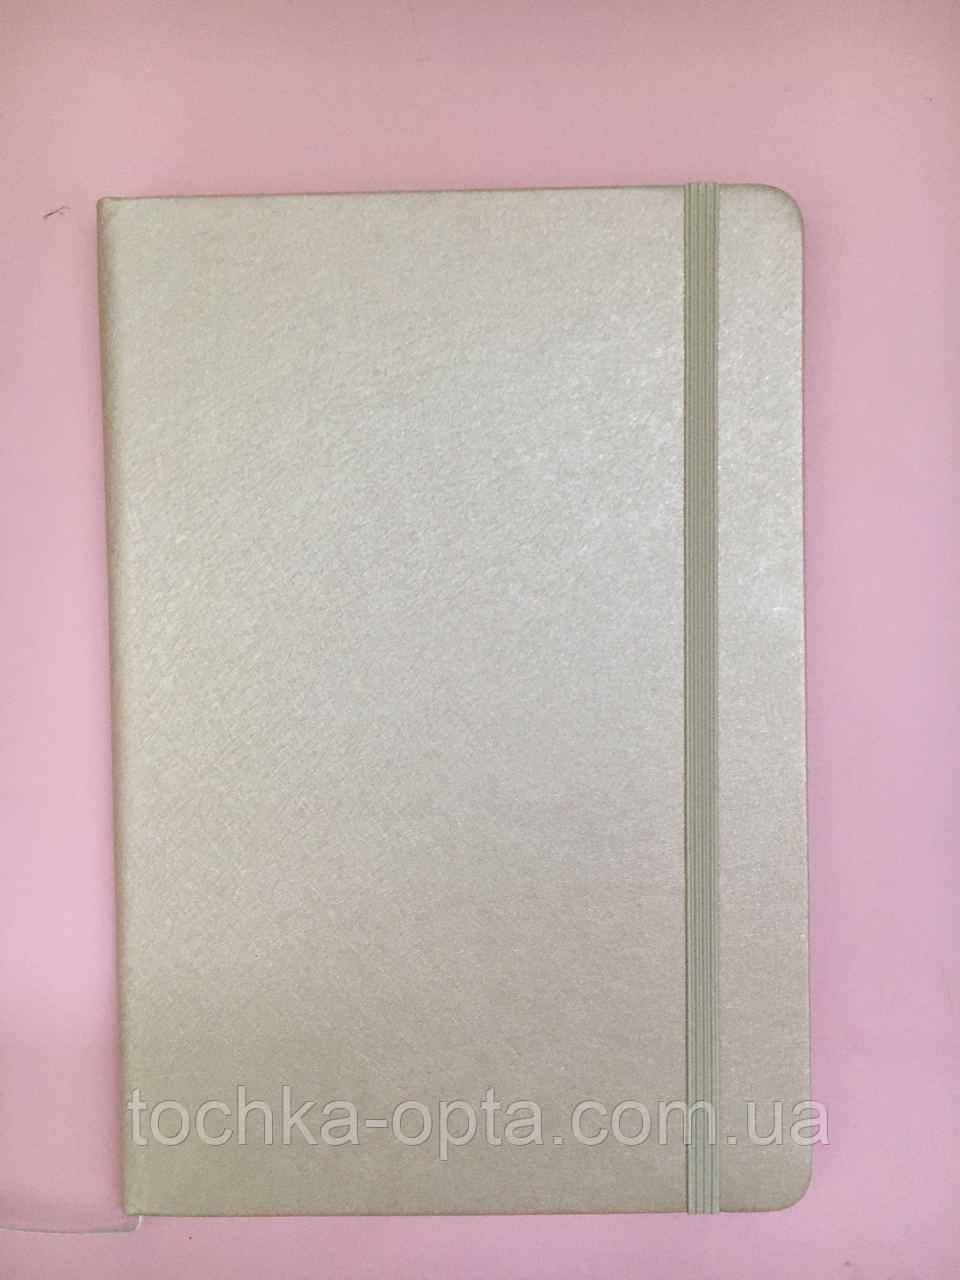 Серебрянный блокнот кожзам, твердый переплет на резинке